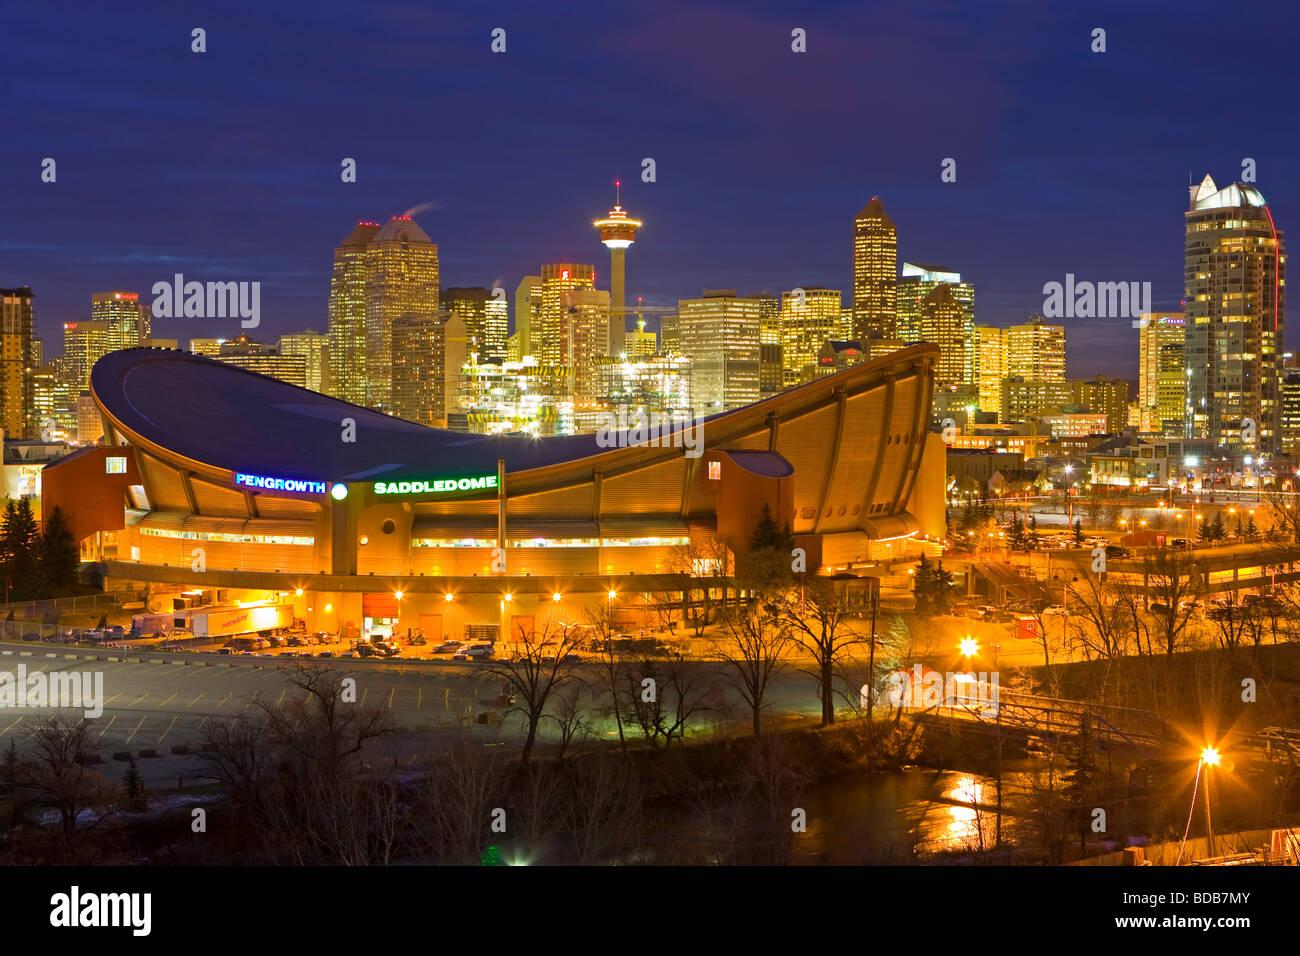 Il Saddledome con alti edifici e la Torre di Calgary in background al crepuscolo città di Calgary Alberta Canada Immagini Stock